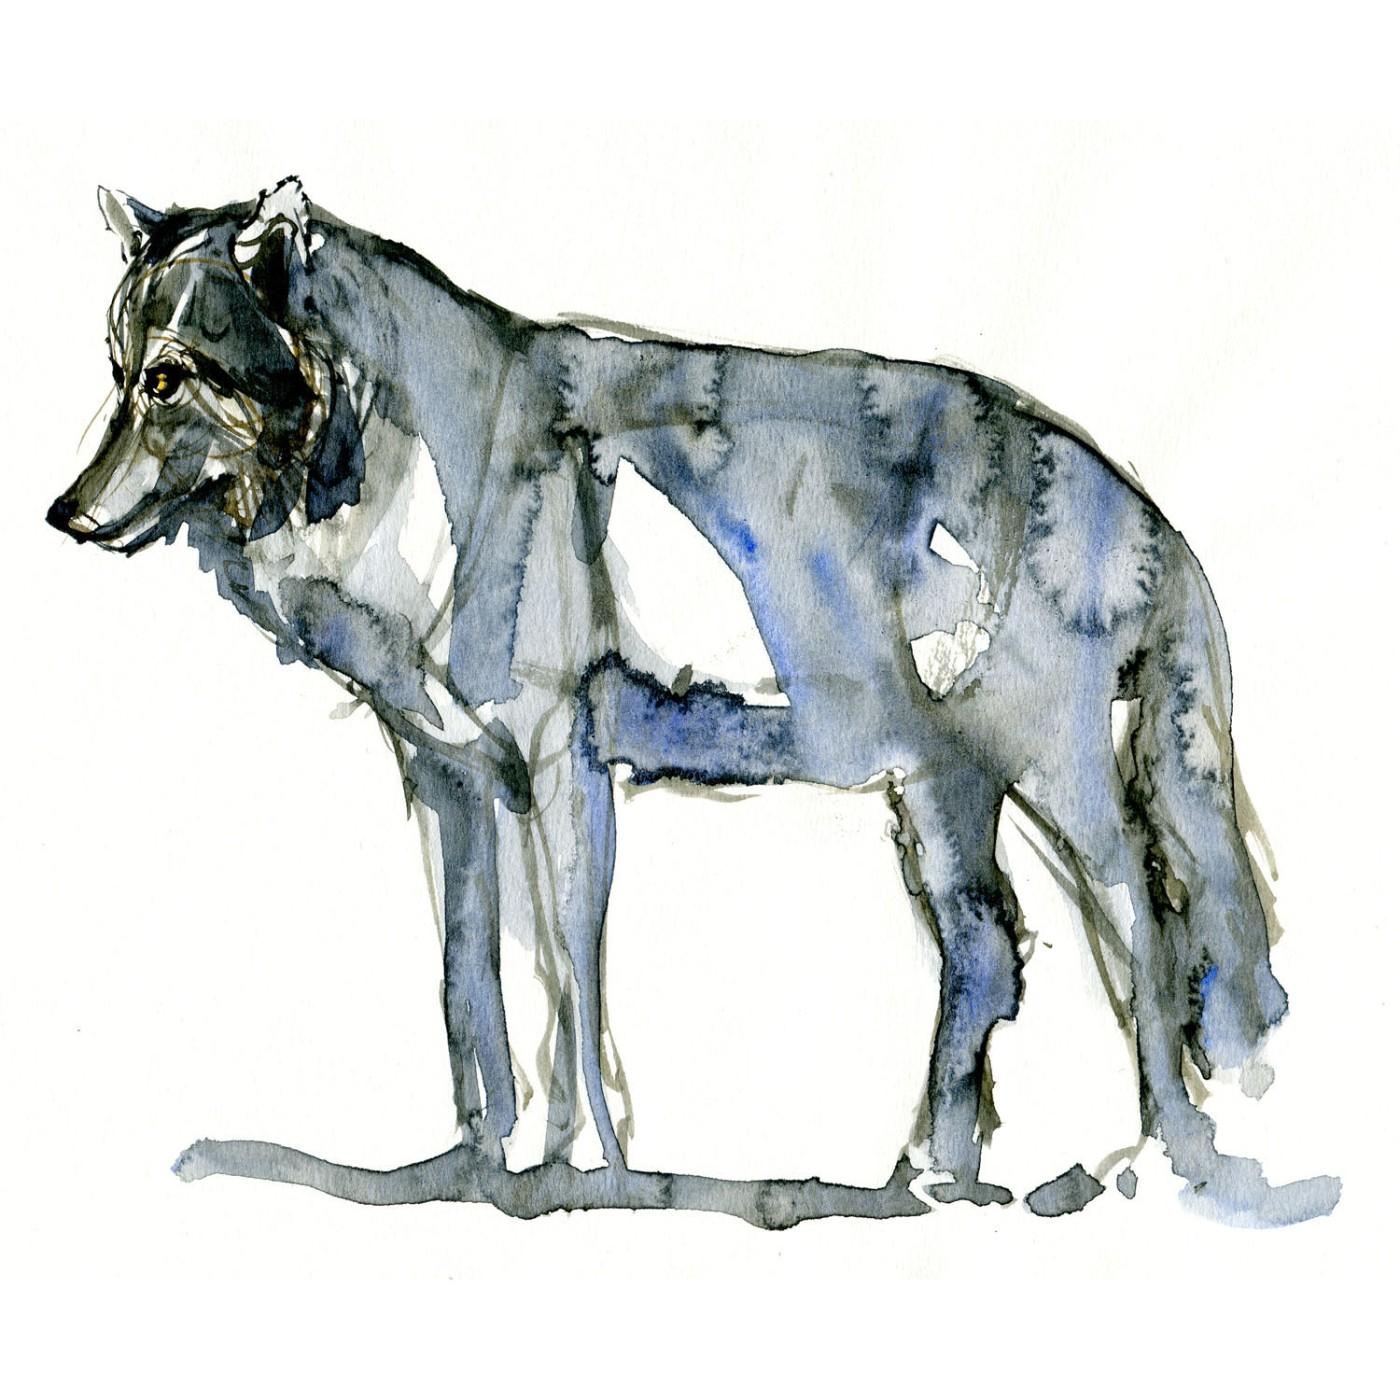 Ulv sideview Pattedyr illutration biodiversitet i Danmark. Akvarel af Frits Ahlefeldt